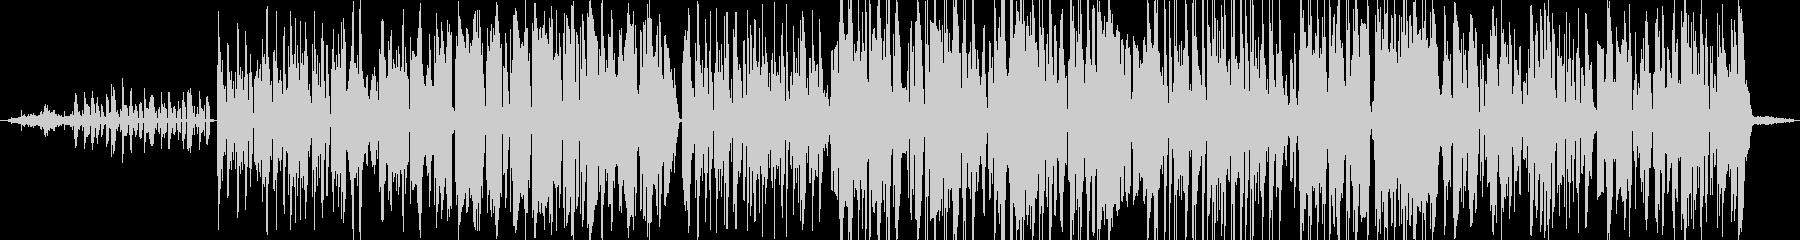 ファンキーなポップス アコースティックの未再生の波形